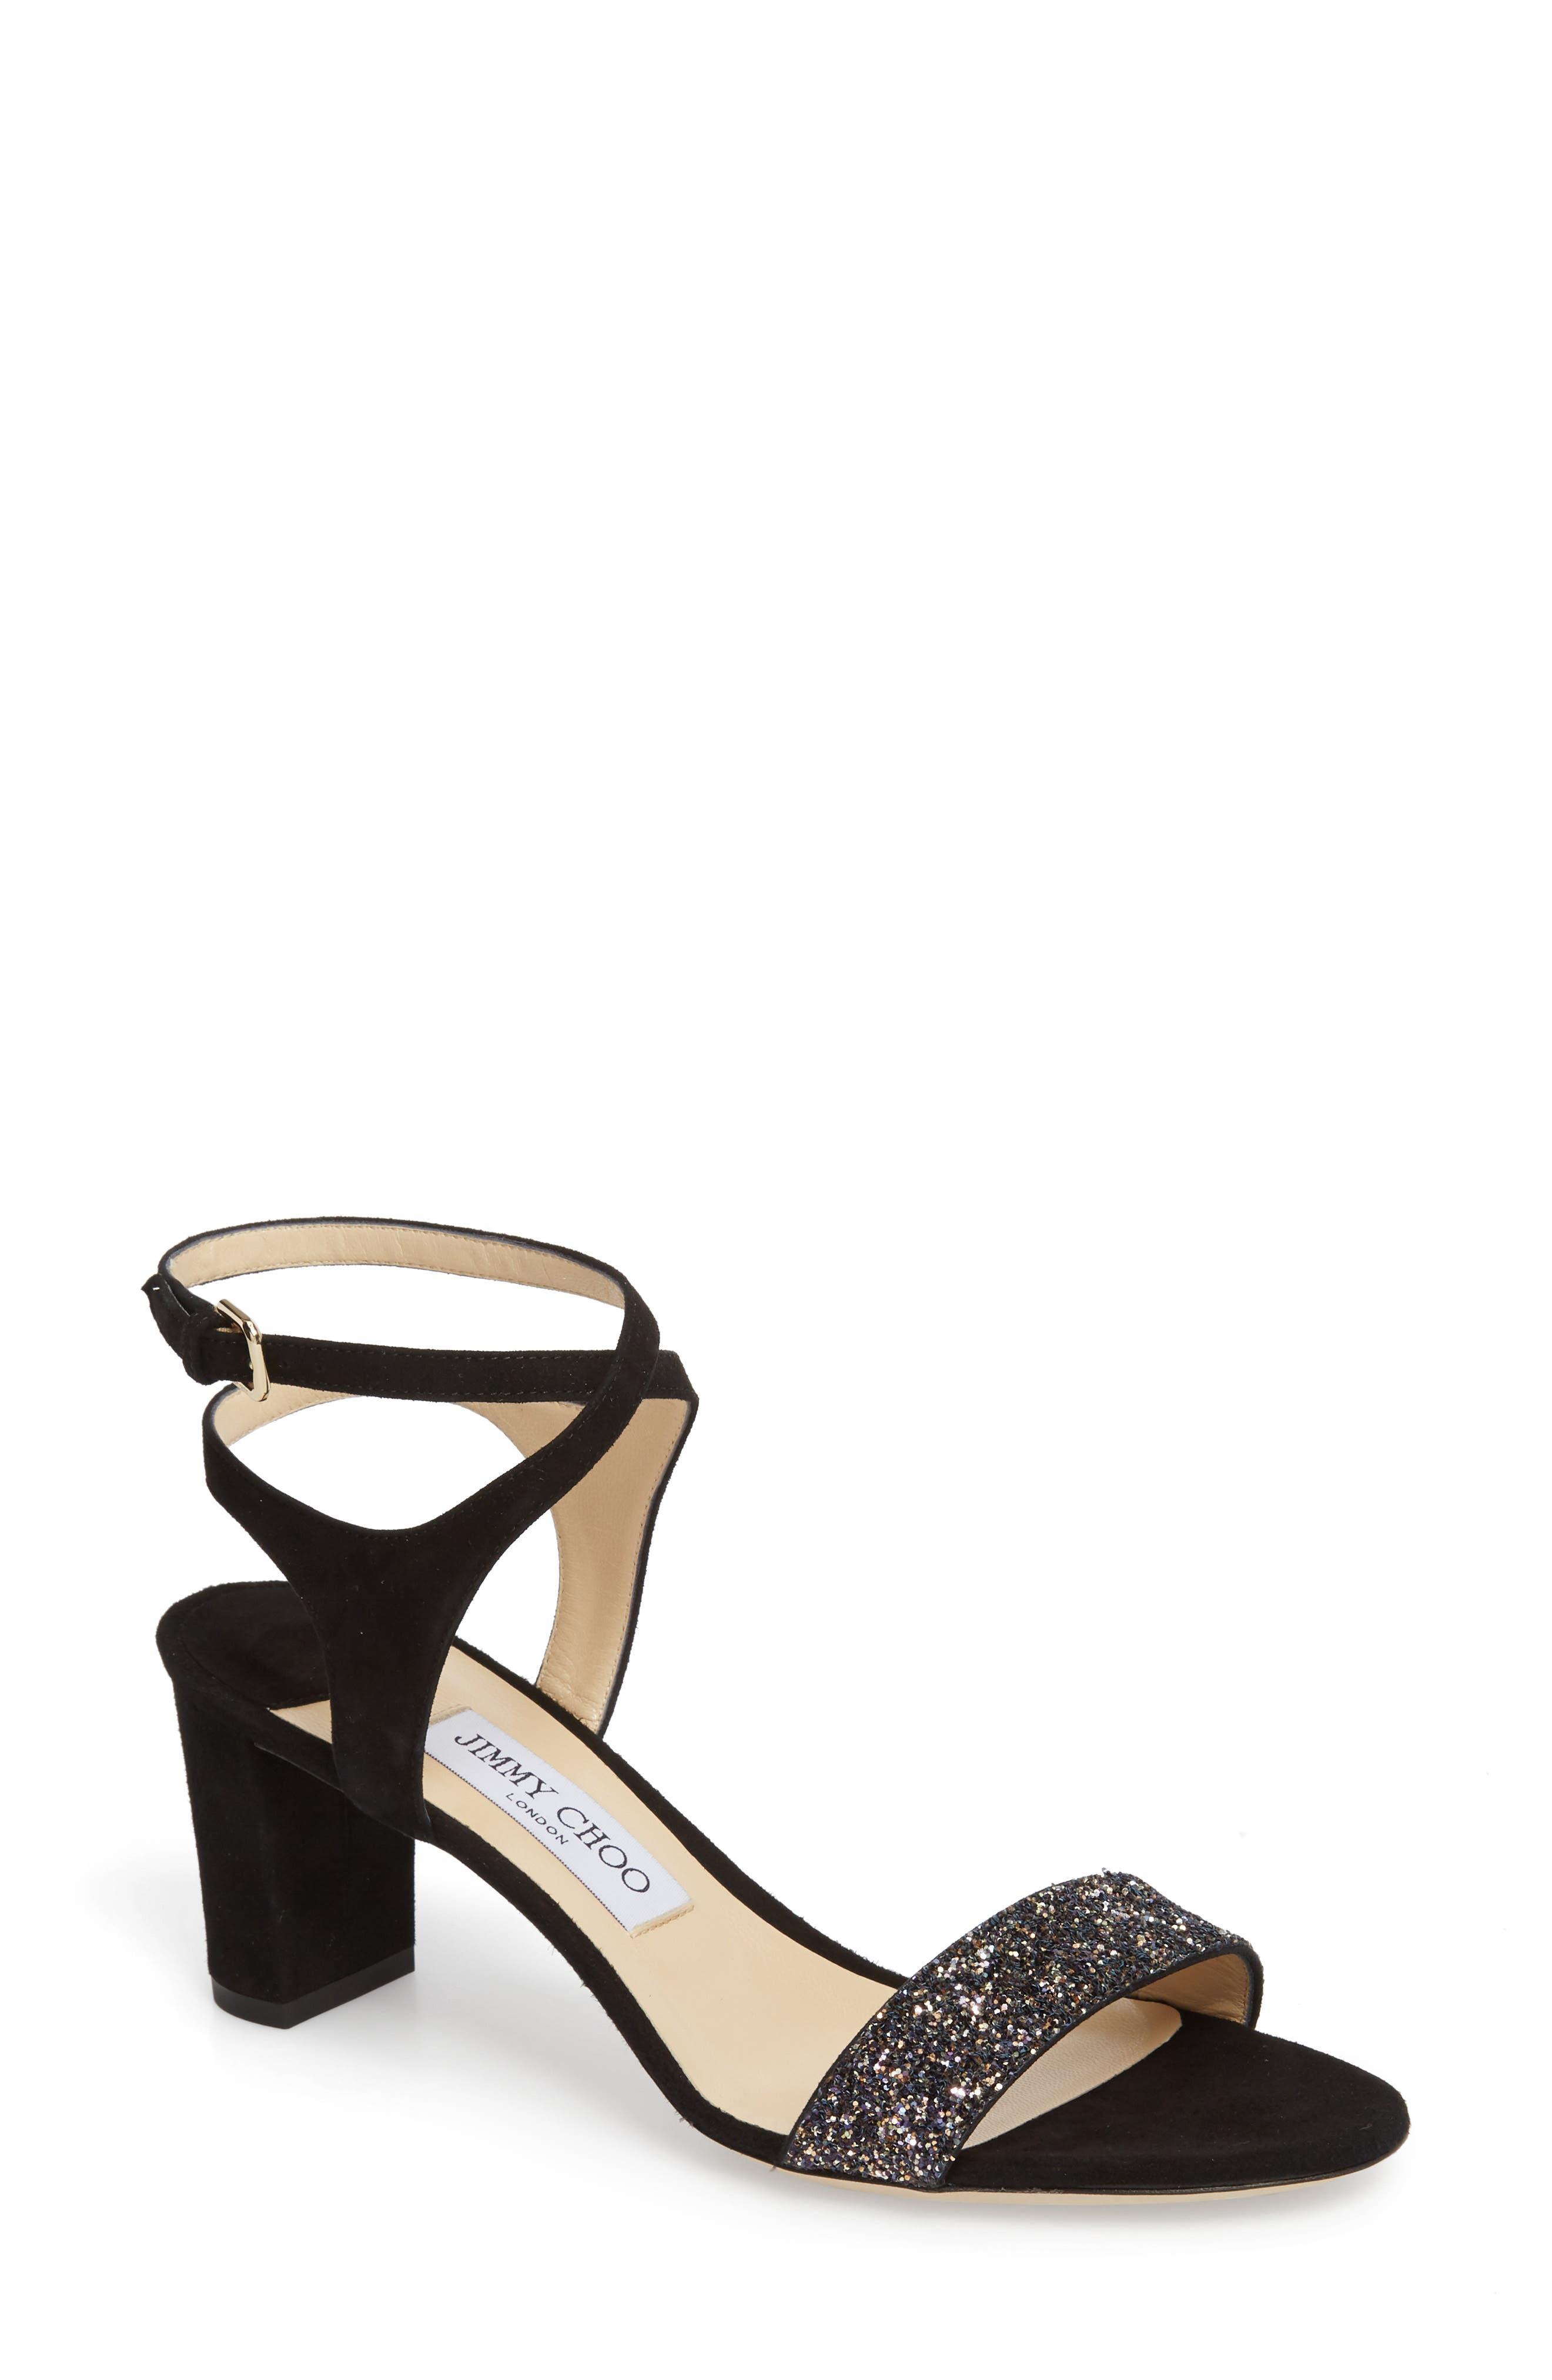 Marine Sandal,                             Main thumbnail 1, color,                             BLACK/ TWILIGHT